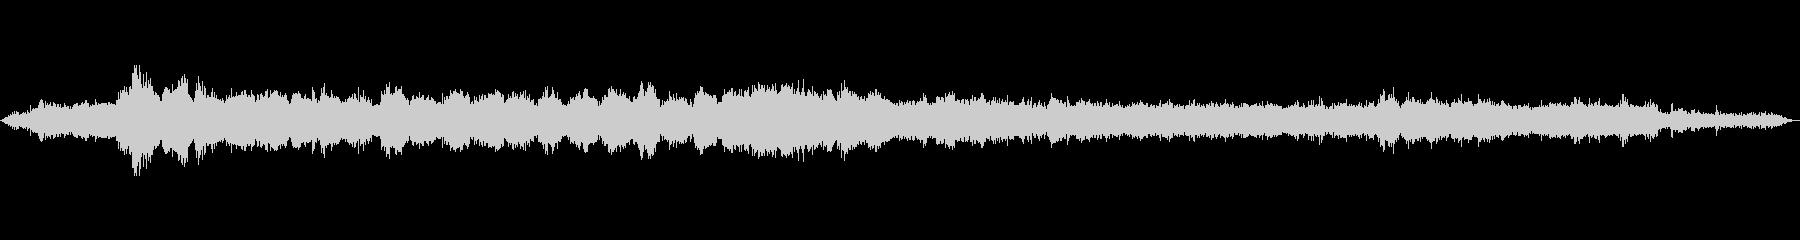 工事現場での作業音(グラインダーメイン)の未再生の波形